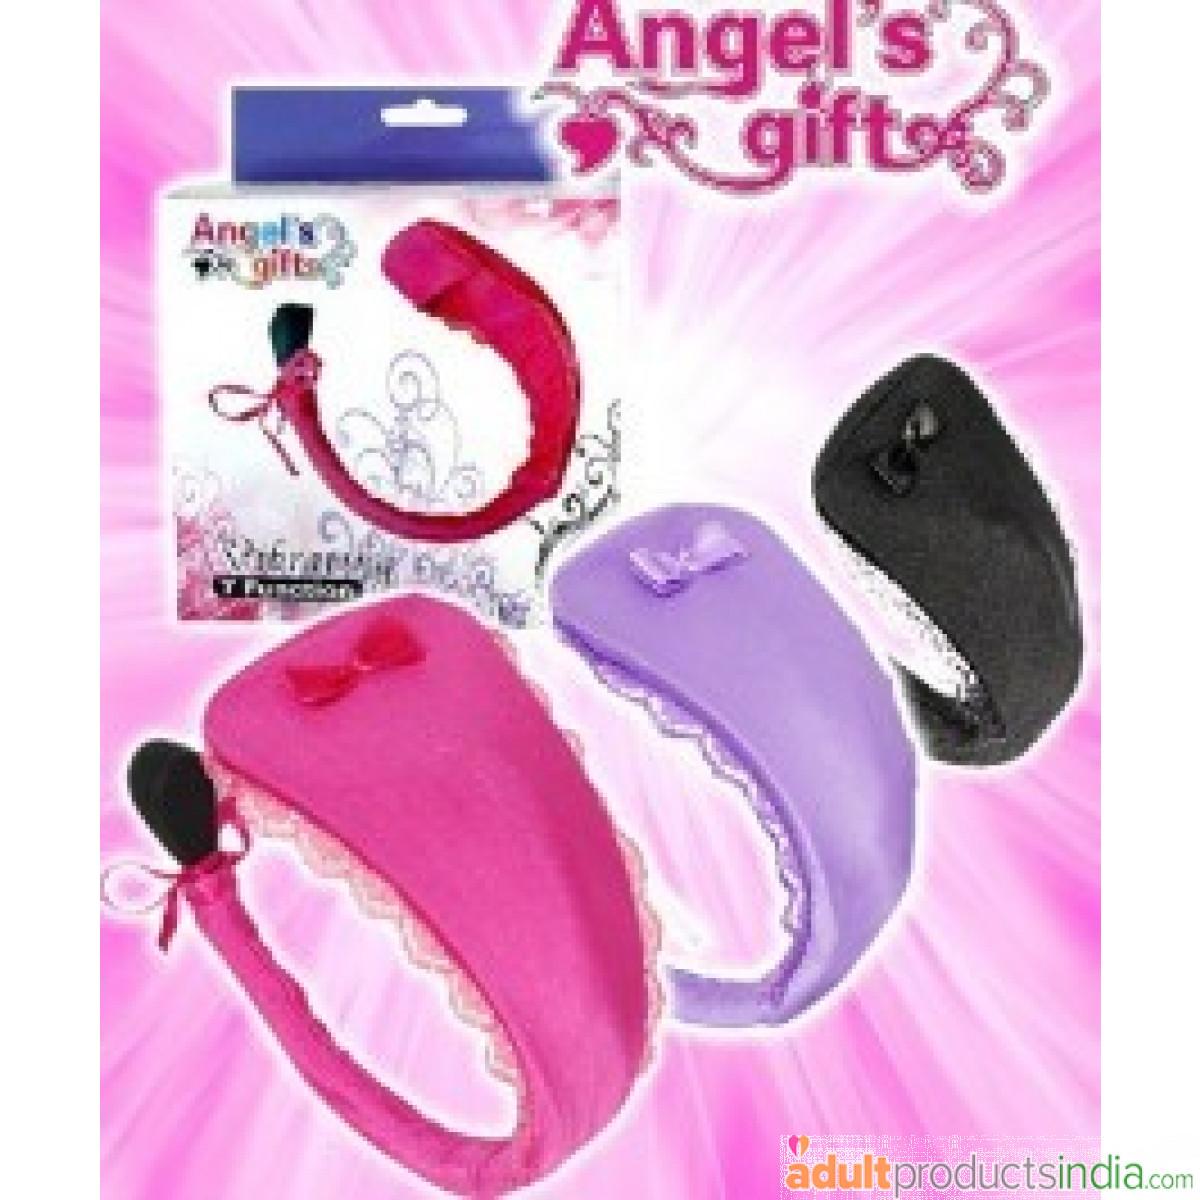 Angle Gift